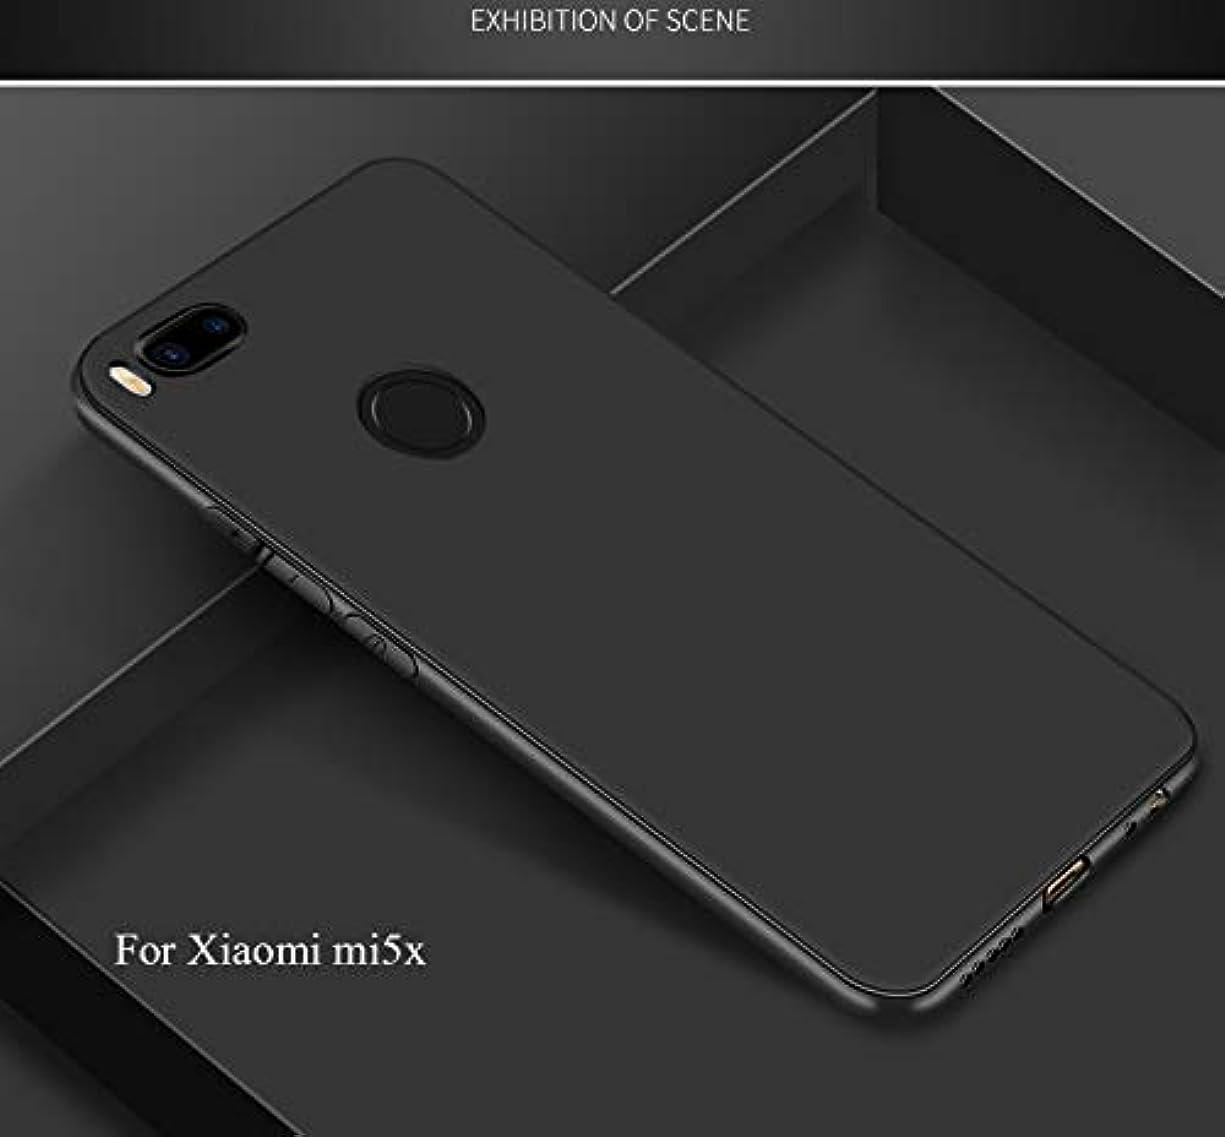 変色する請うスローJicorzo - 小米科技MI6 MI 6 M6用小米科技マイル5倍Mi5x電話カバー用1ケース超薄型フロストソフトシリコンTPUケースA1小米科技マイル